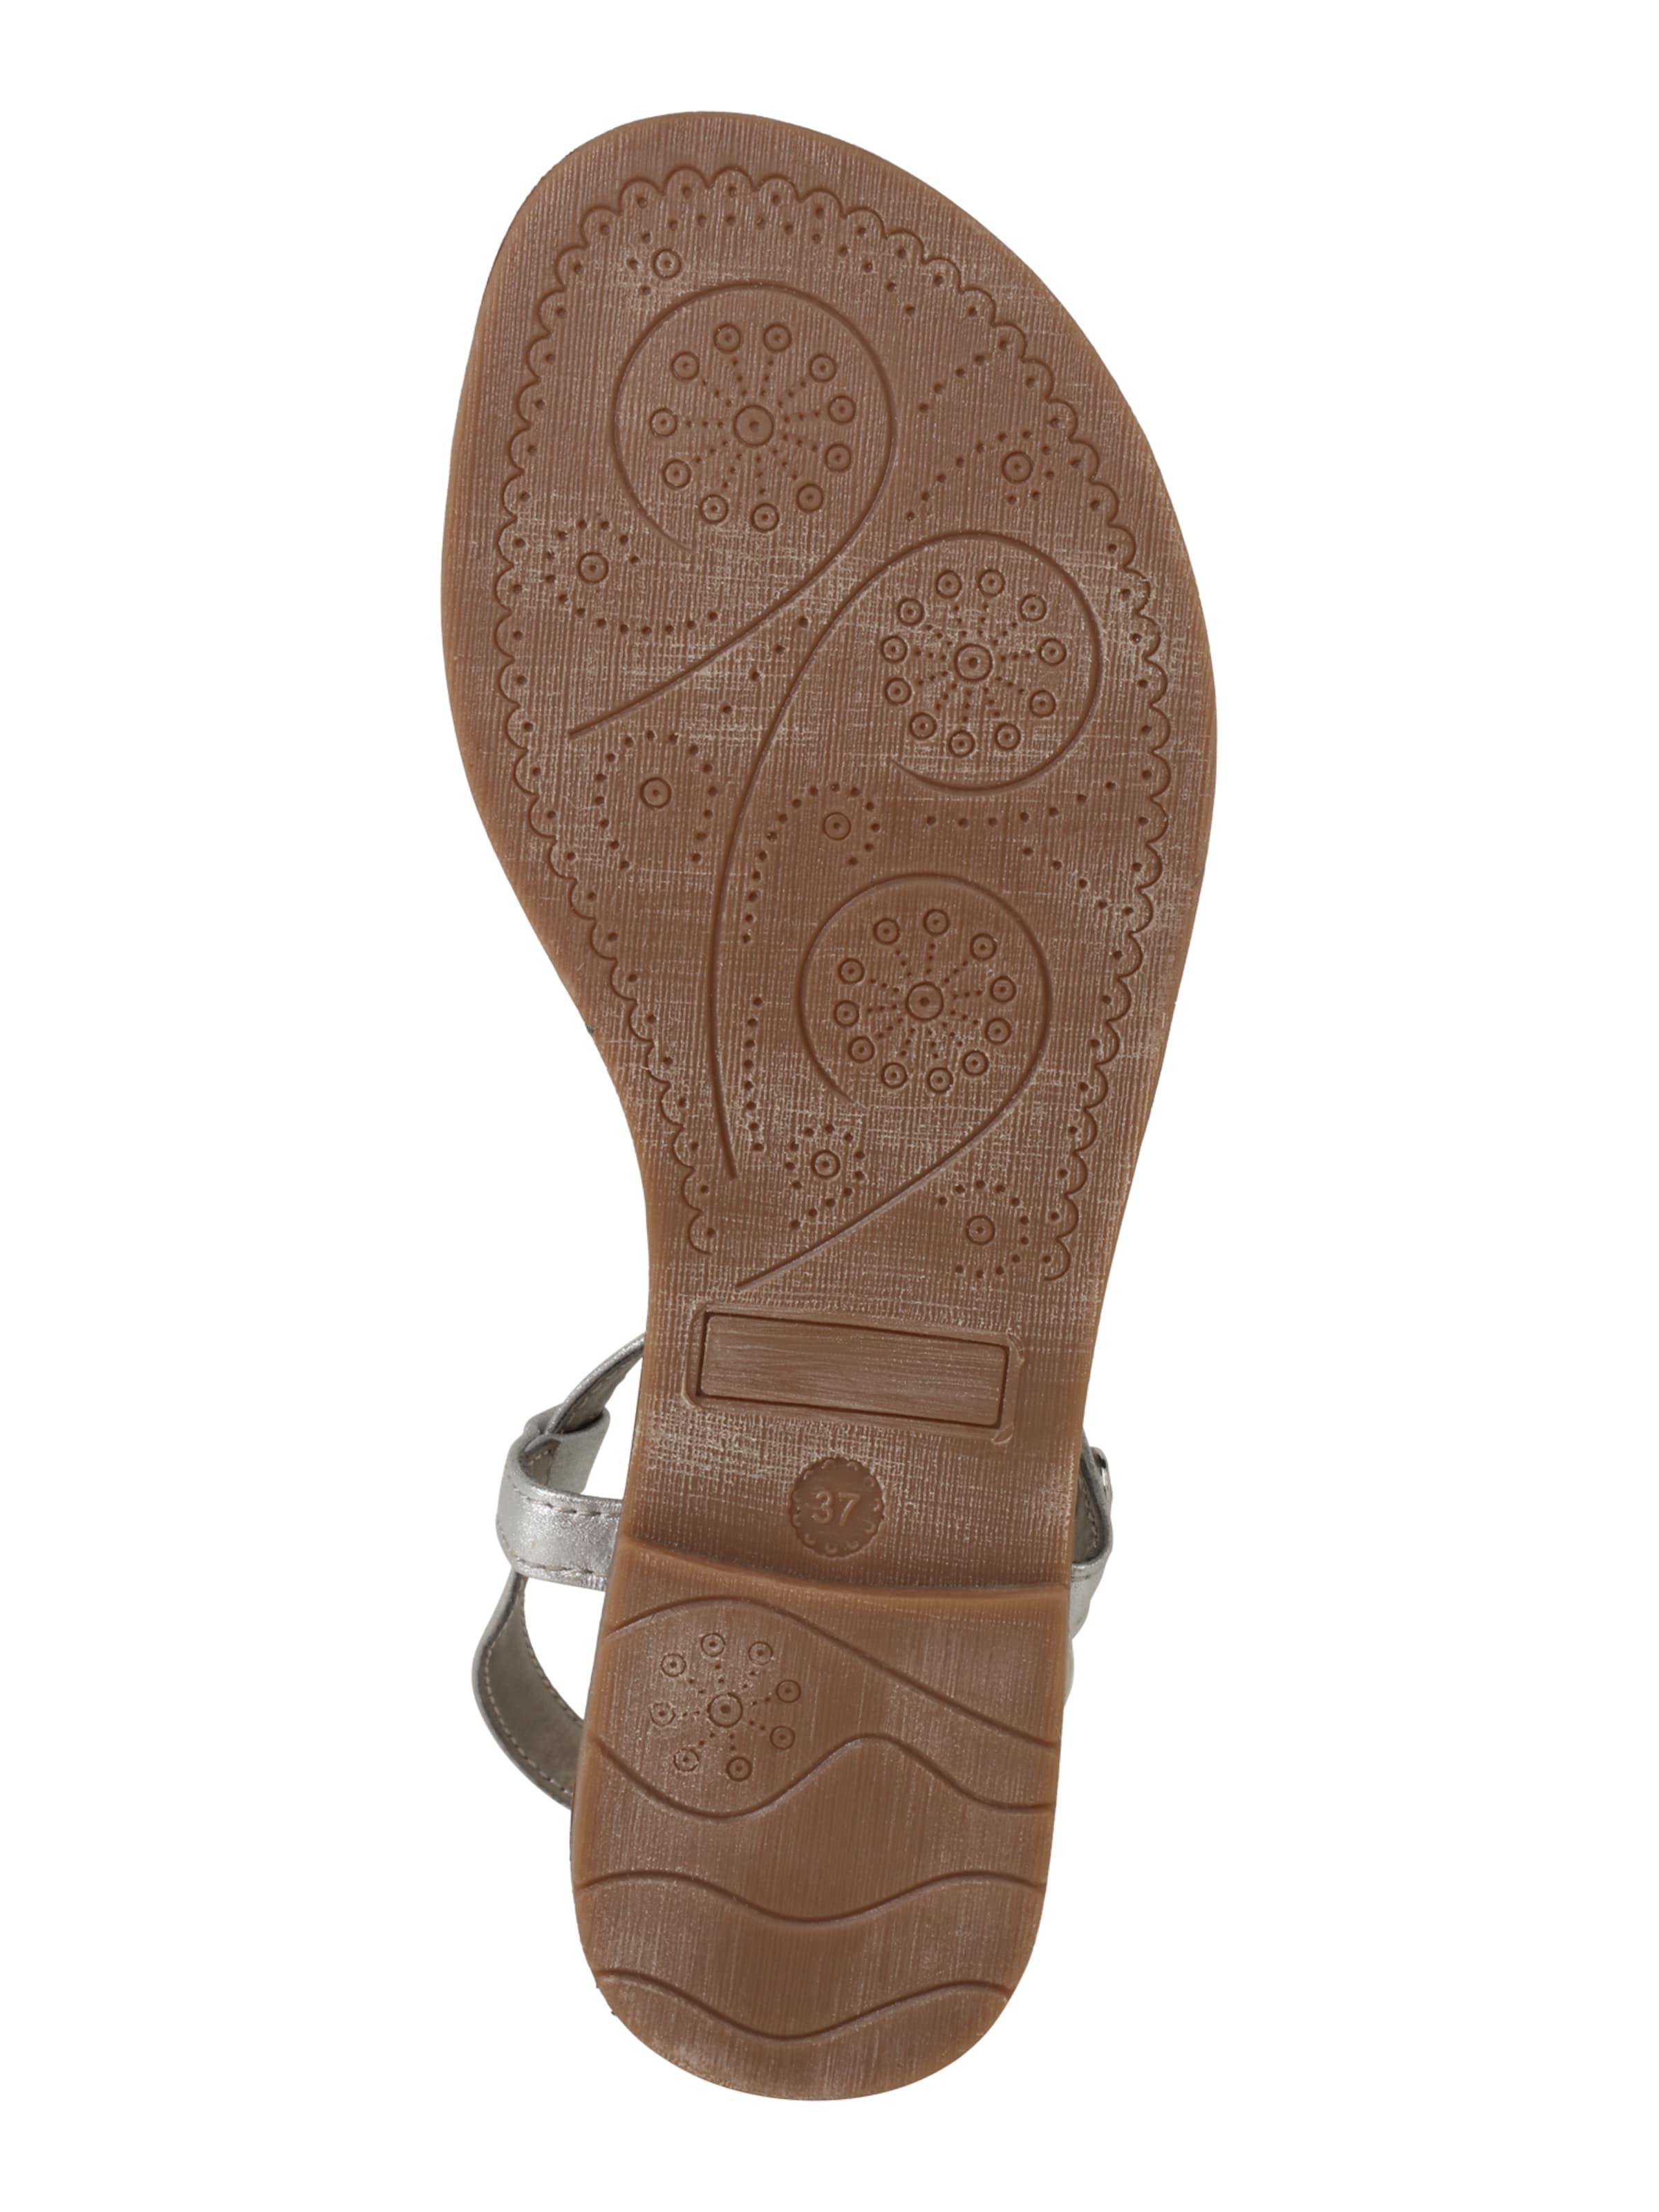 TOM TAILOR Zehentrenner-Sandale Echt Verkauf Online Günstig Kaufen Besuch Neu Verkaufsauftrag Geniue Händler Verkauf Online mJ00f